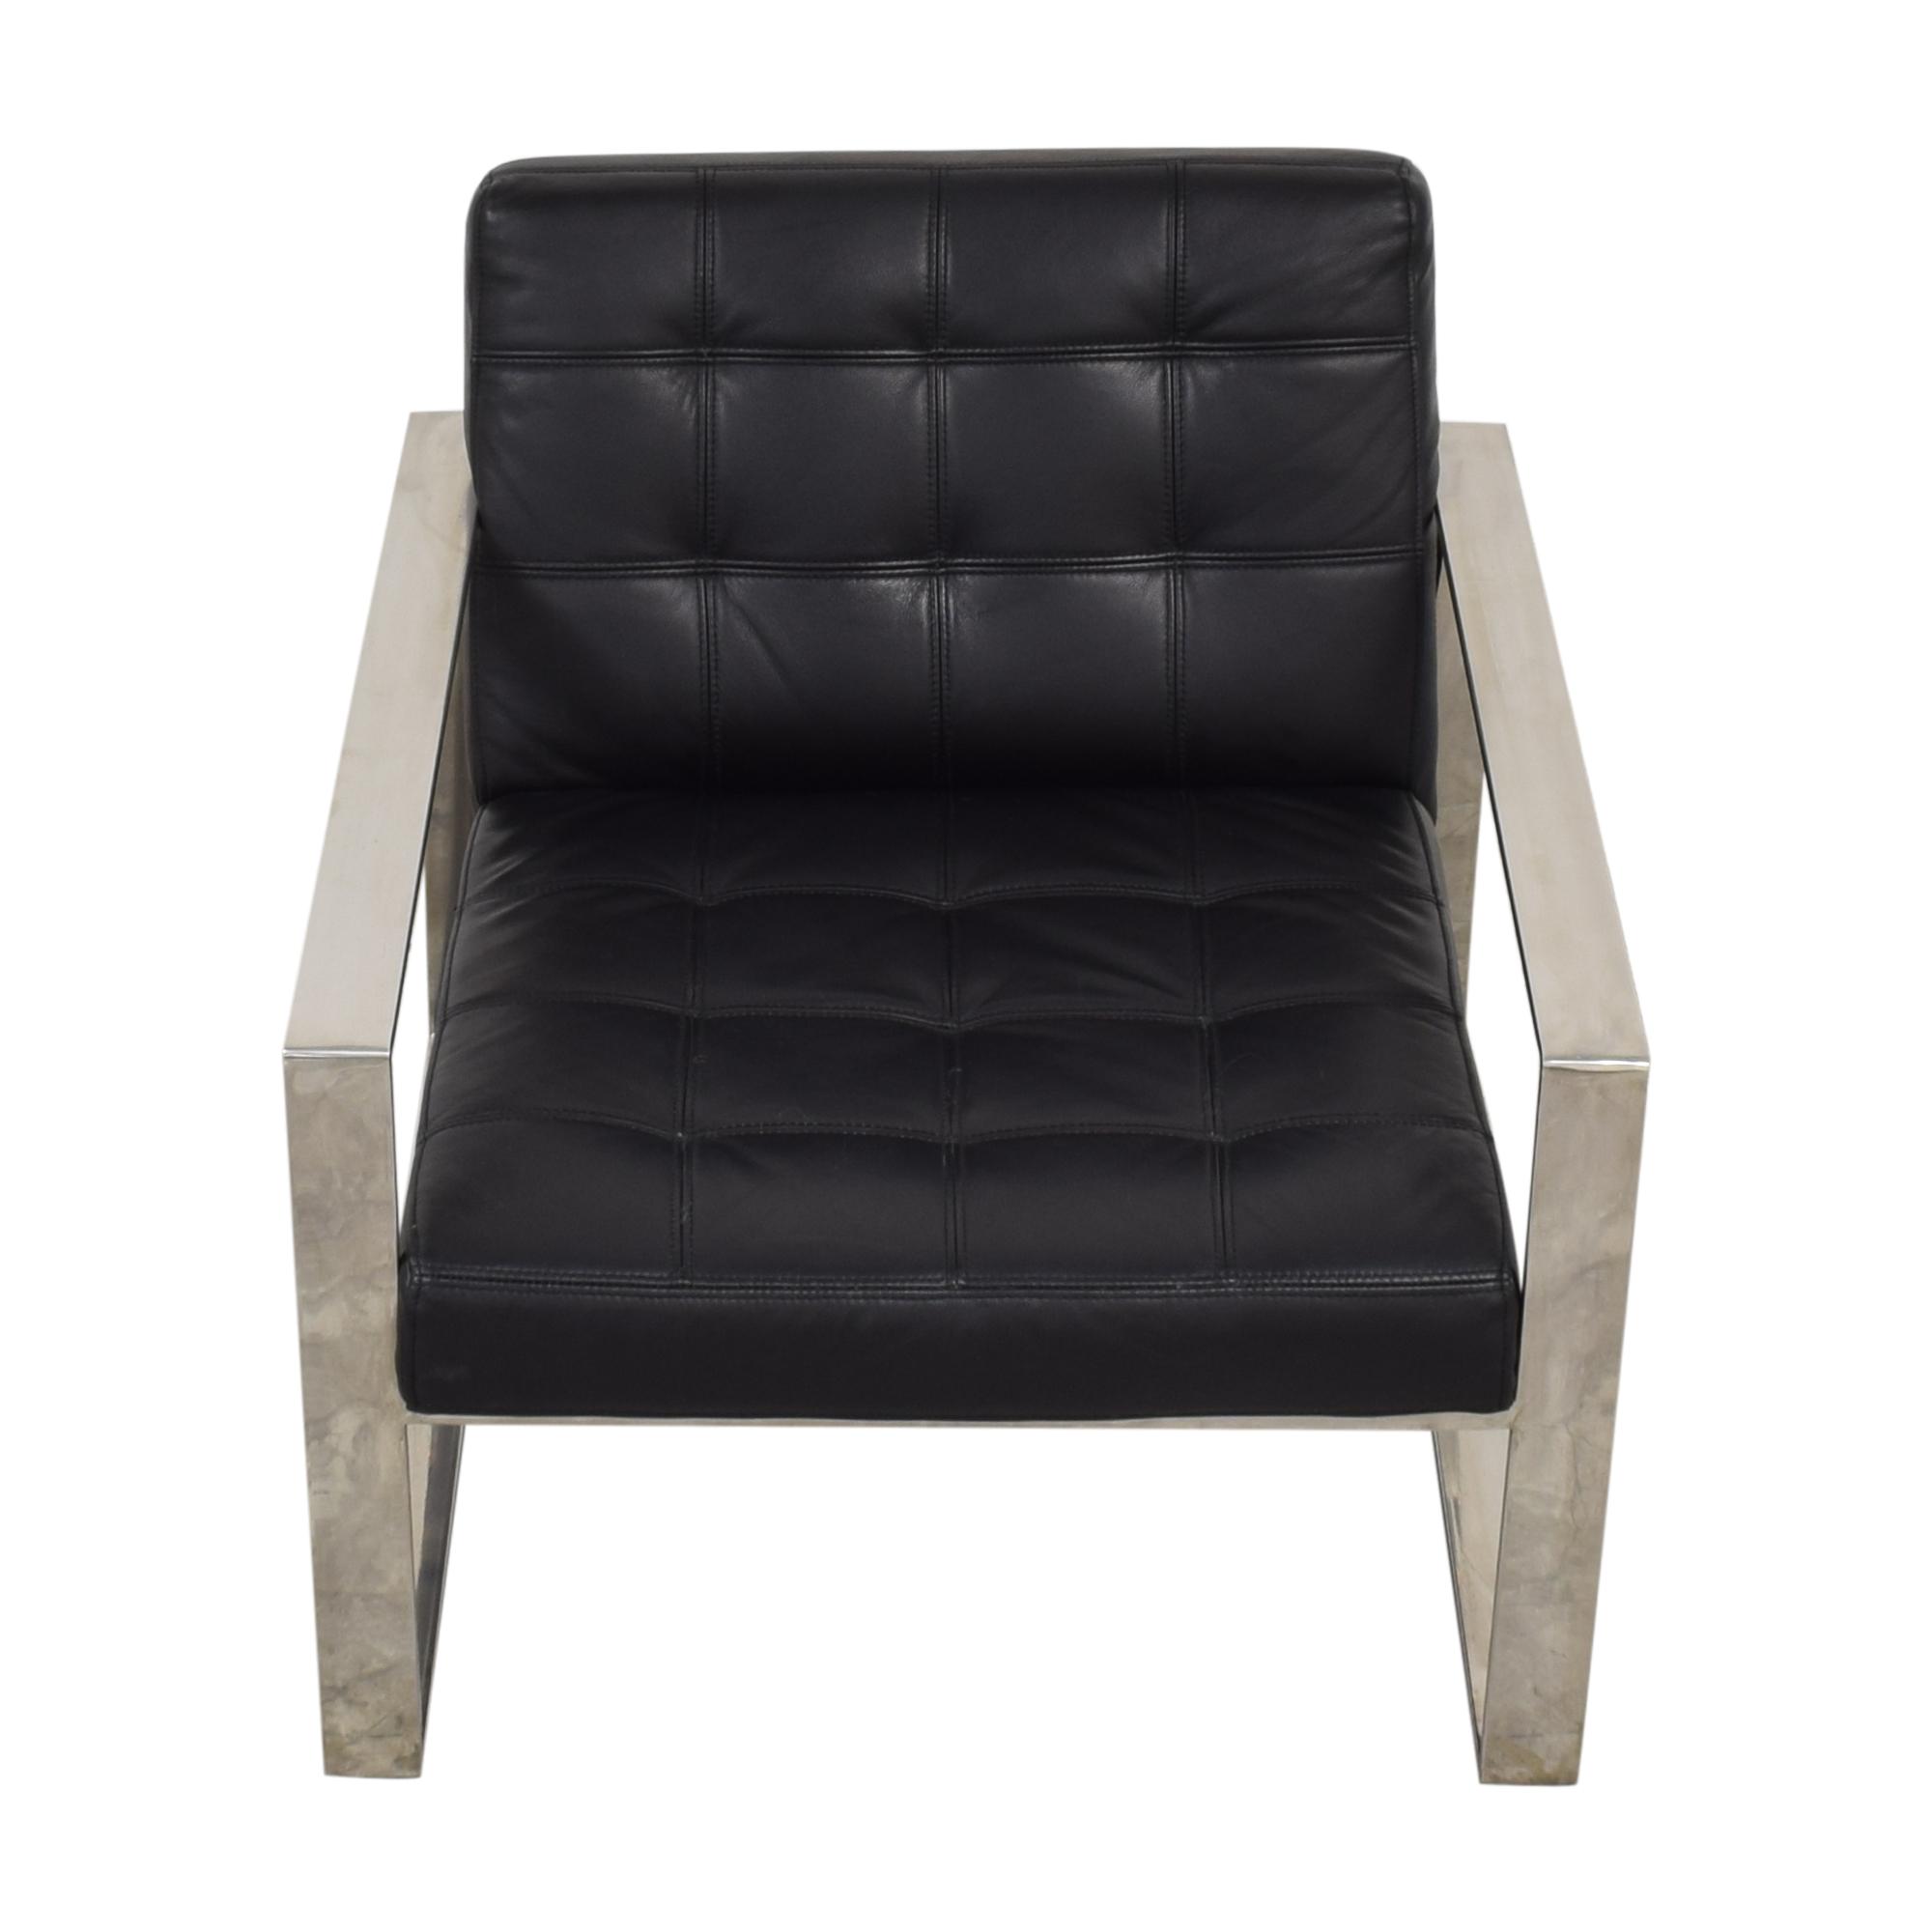 Modani Modani Savina Arm Chair Chairs